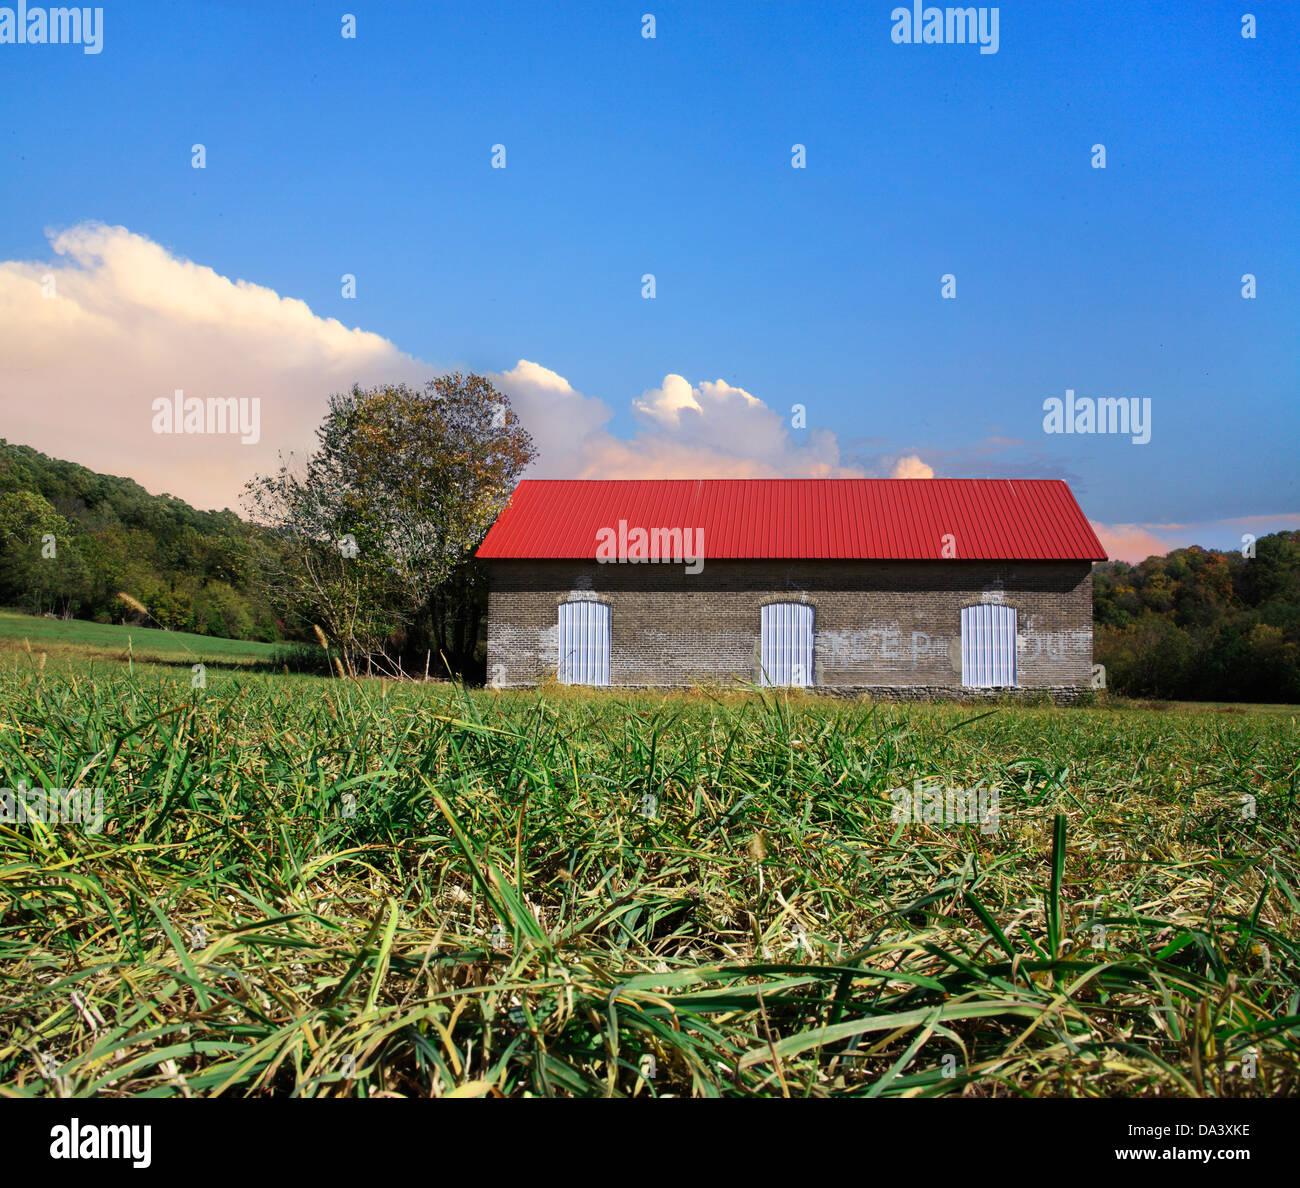 An Abandoned Brick Barn And Pastureland Photographed At Ground Level, Southwestern Ohio, USA - Stock Image